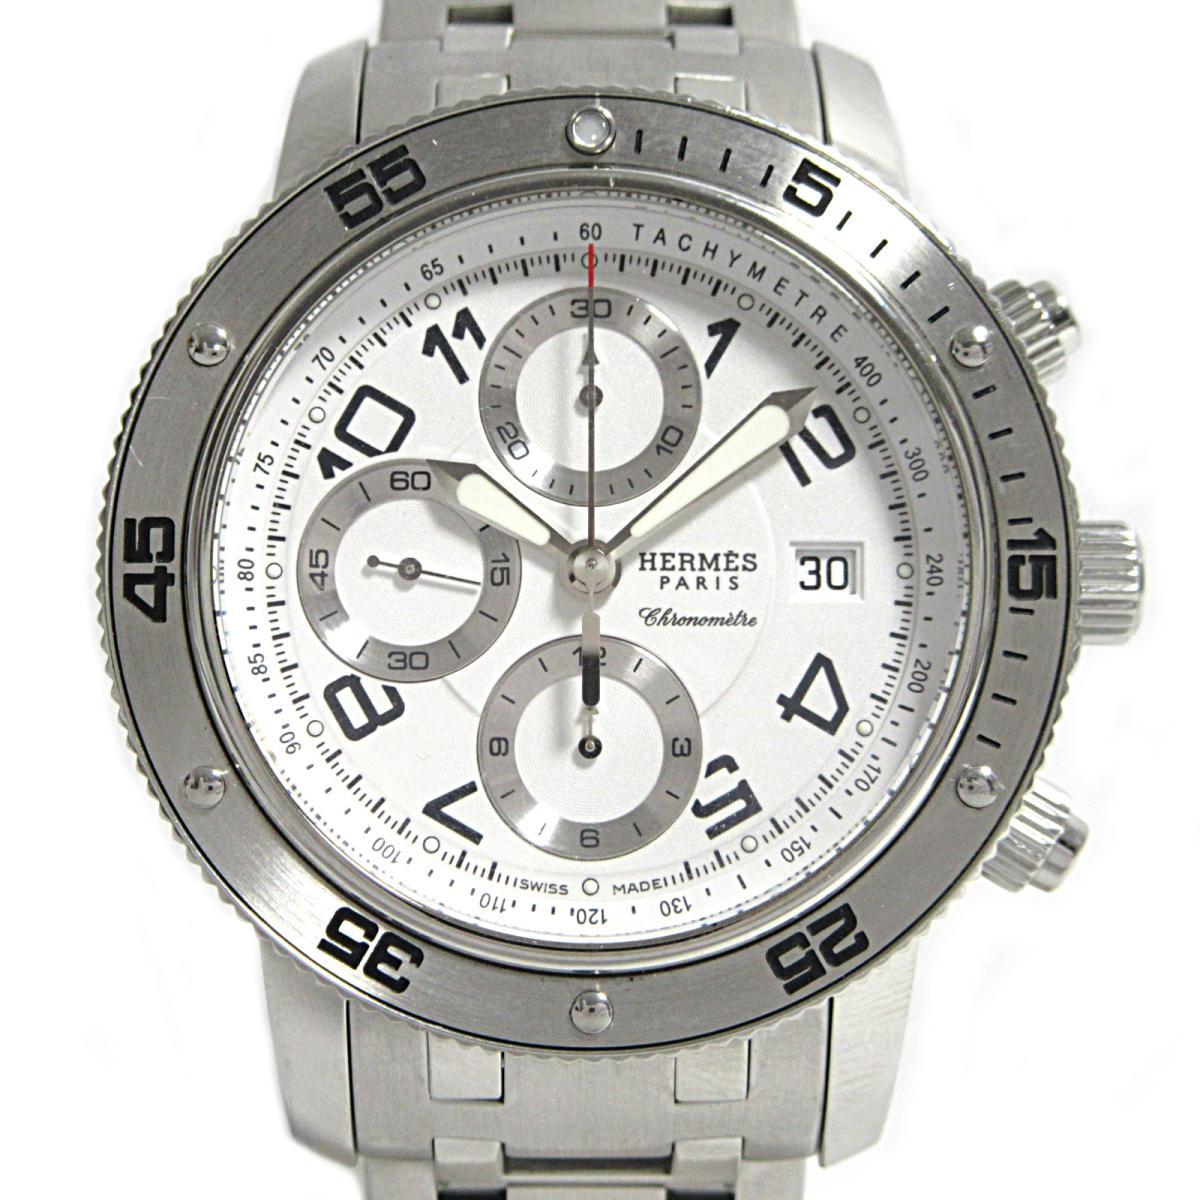 ≪期間限定≫メルマガ登録でクーポンGET! 【中古】 エルメス クリッパークロノグラフ メカニカルダイバーズ 腕時計 メンズ ウォッチ ステンレススチール (SS) (CP2.910) | HERMES BRANDOFF ブランドオフ ブランド ブランド時計 ブランド腕時計 時計